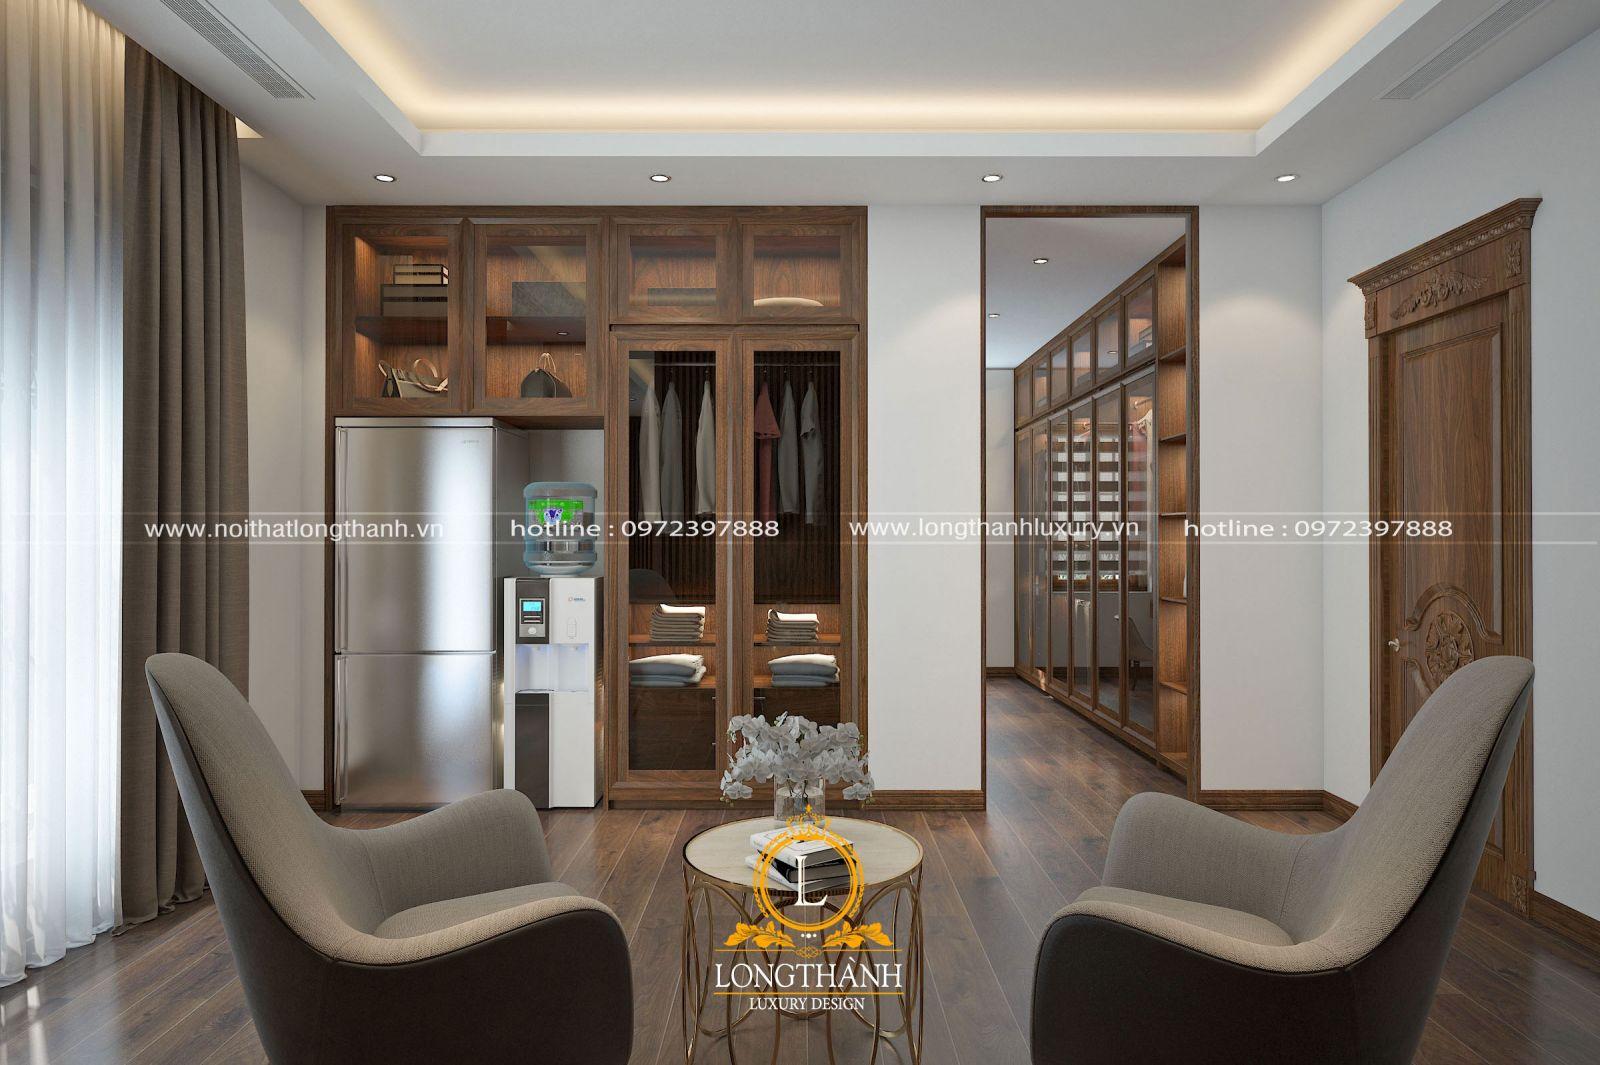 Bộ bàn trà đơn giản được bố trí ngay trong căn phòng ngủ hiện đại có diện tích rộng